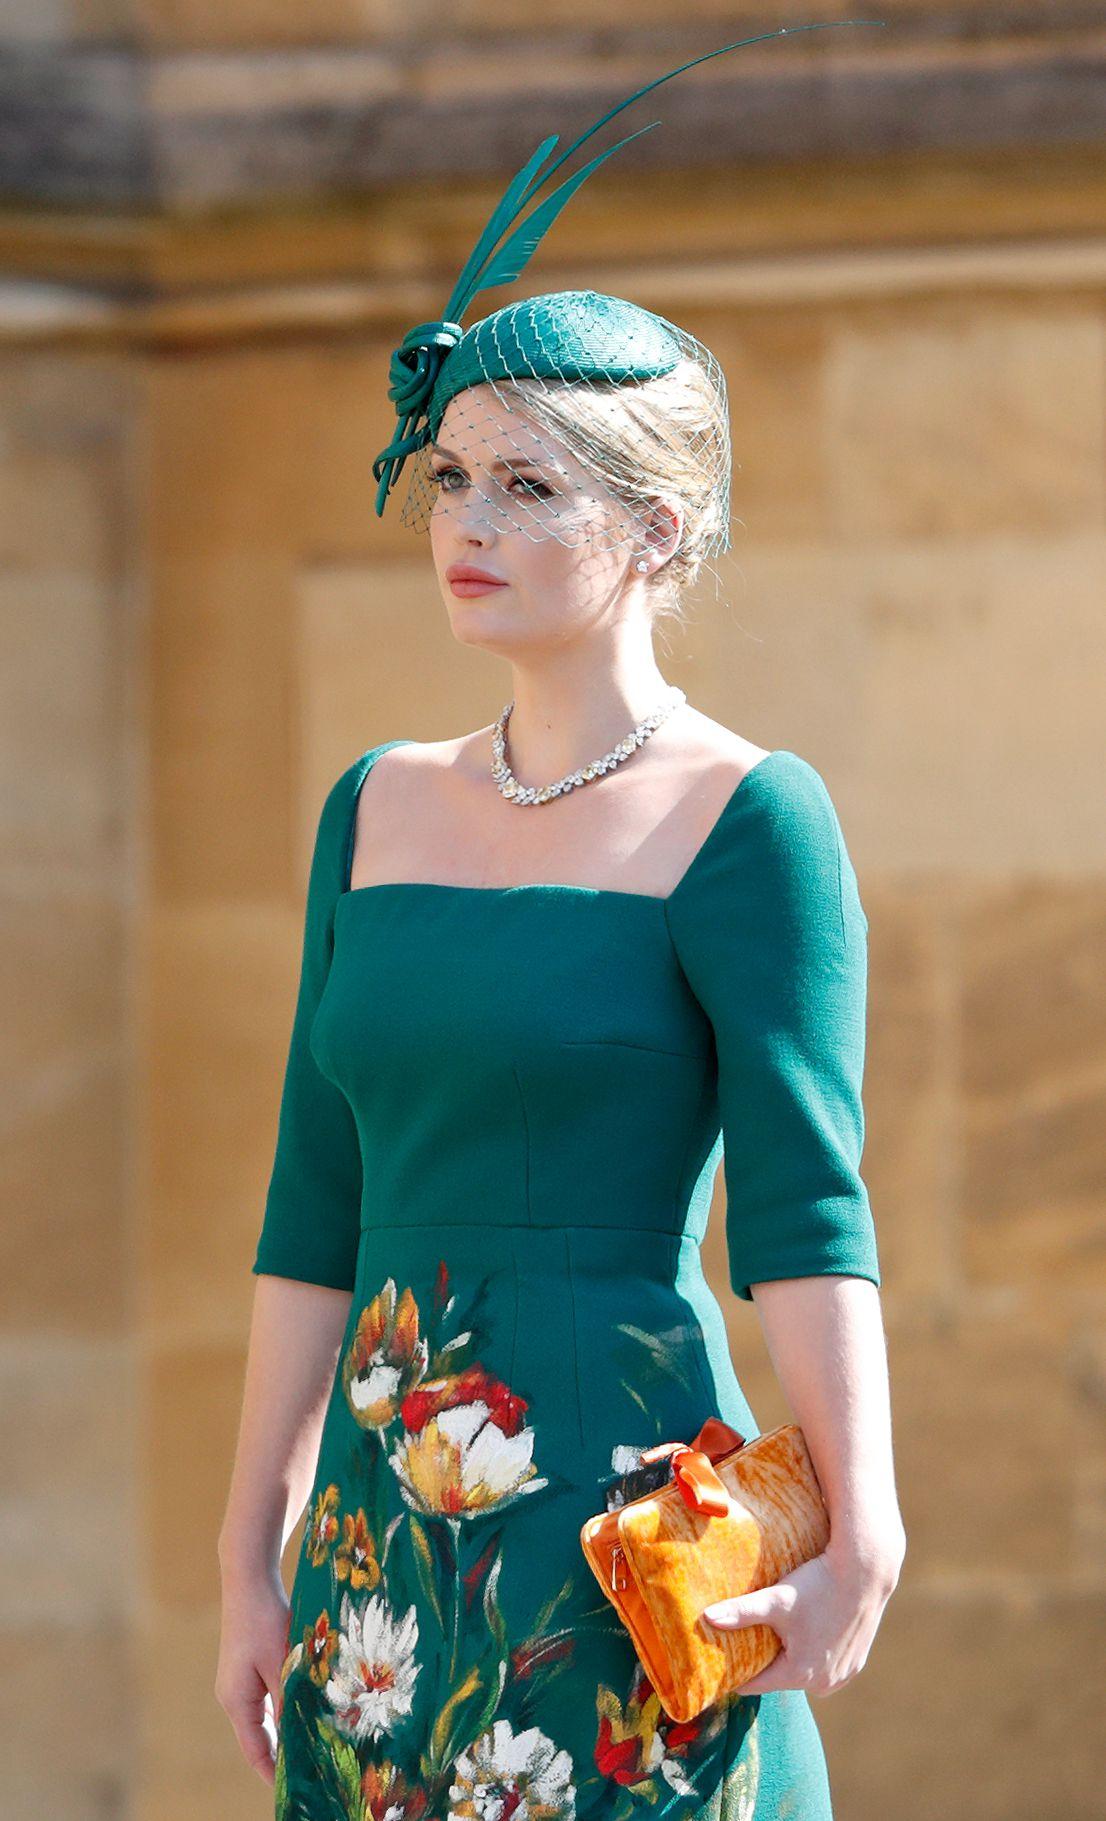 32歲年齡差!黛安娜王妃超美姪女 Lady Kitty Spencer 的男友,是這位60歲億萬富翁